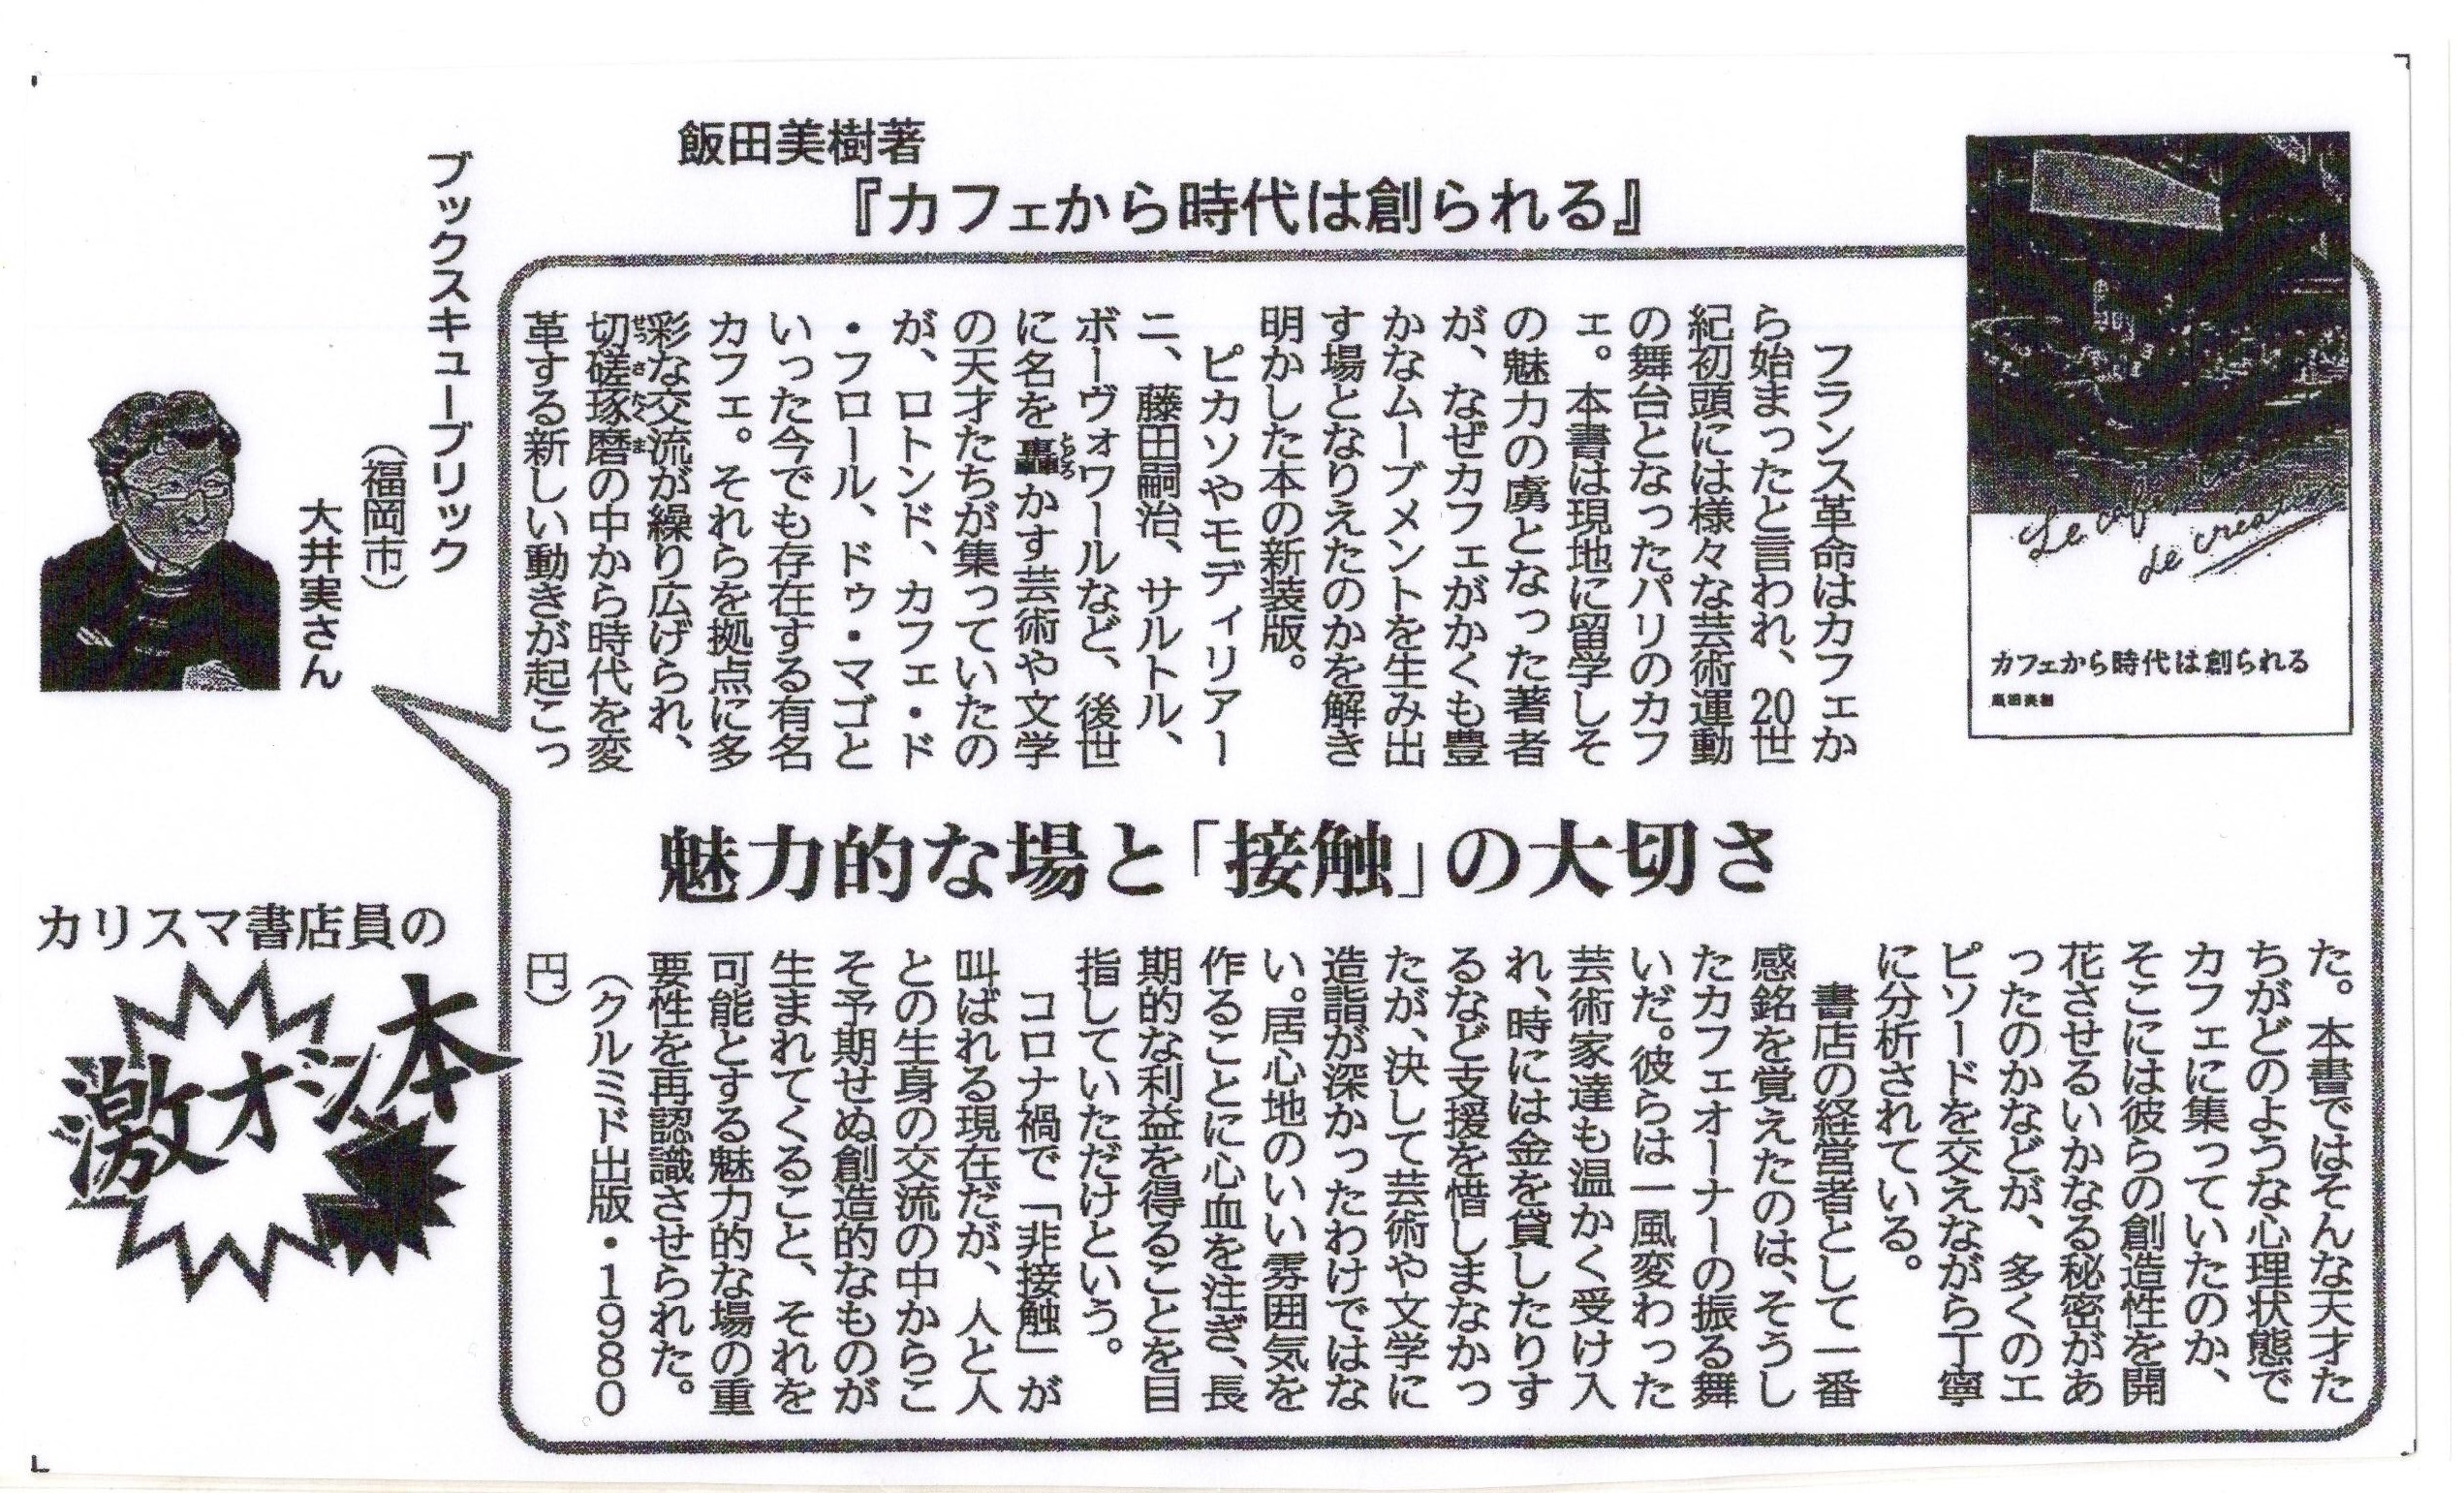 <第33回>西日本新聞「カリスマ書店員の激オシ本」に店主が寄稿しました。